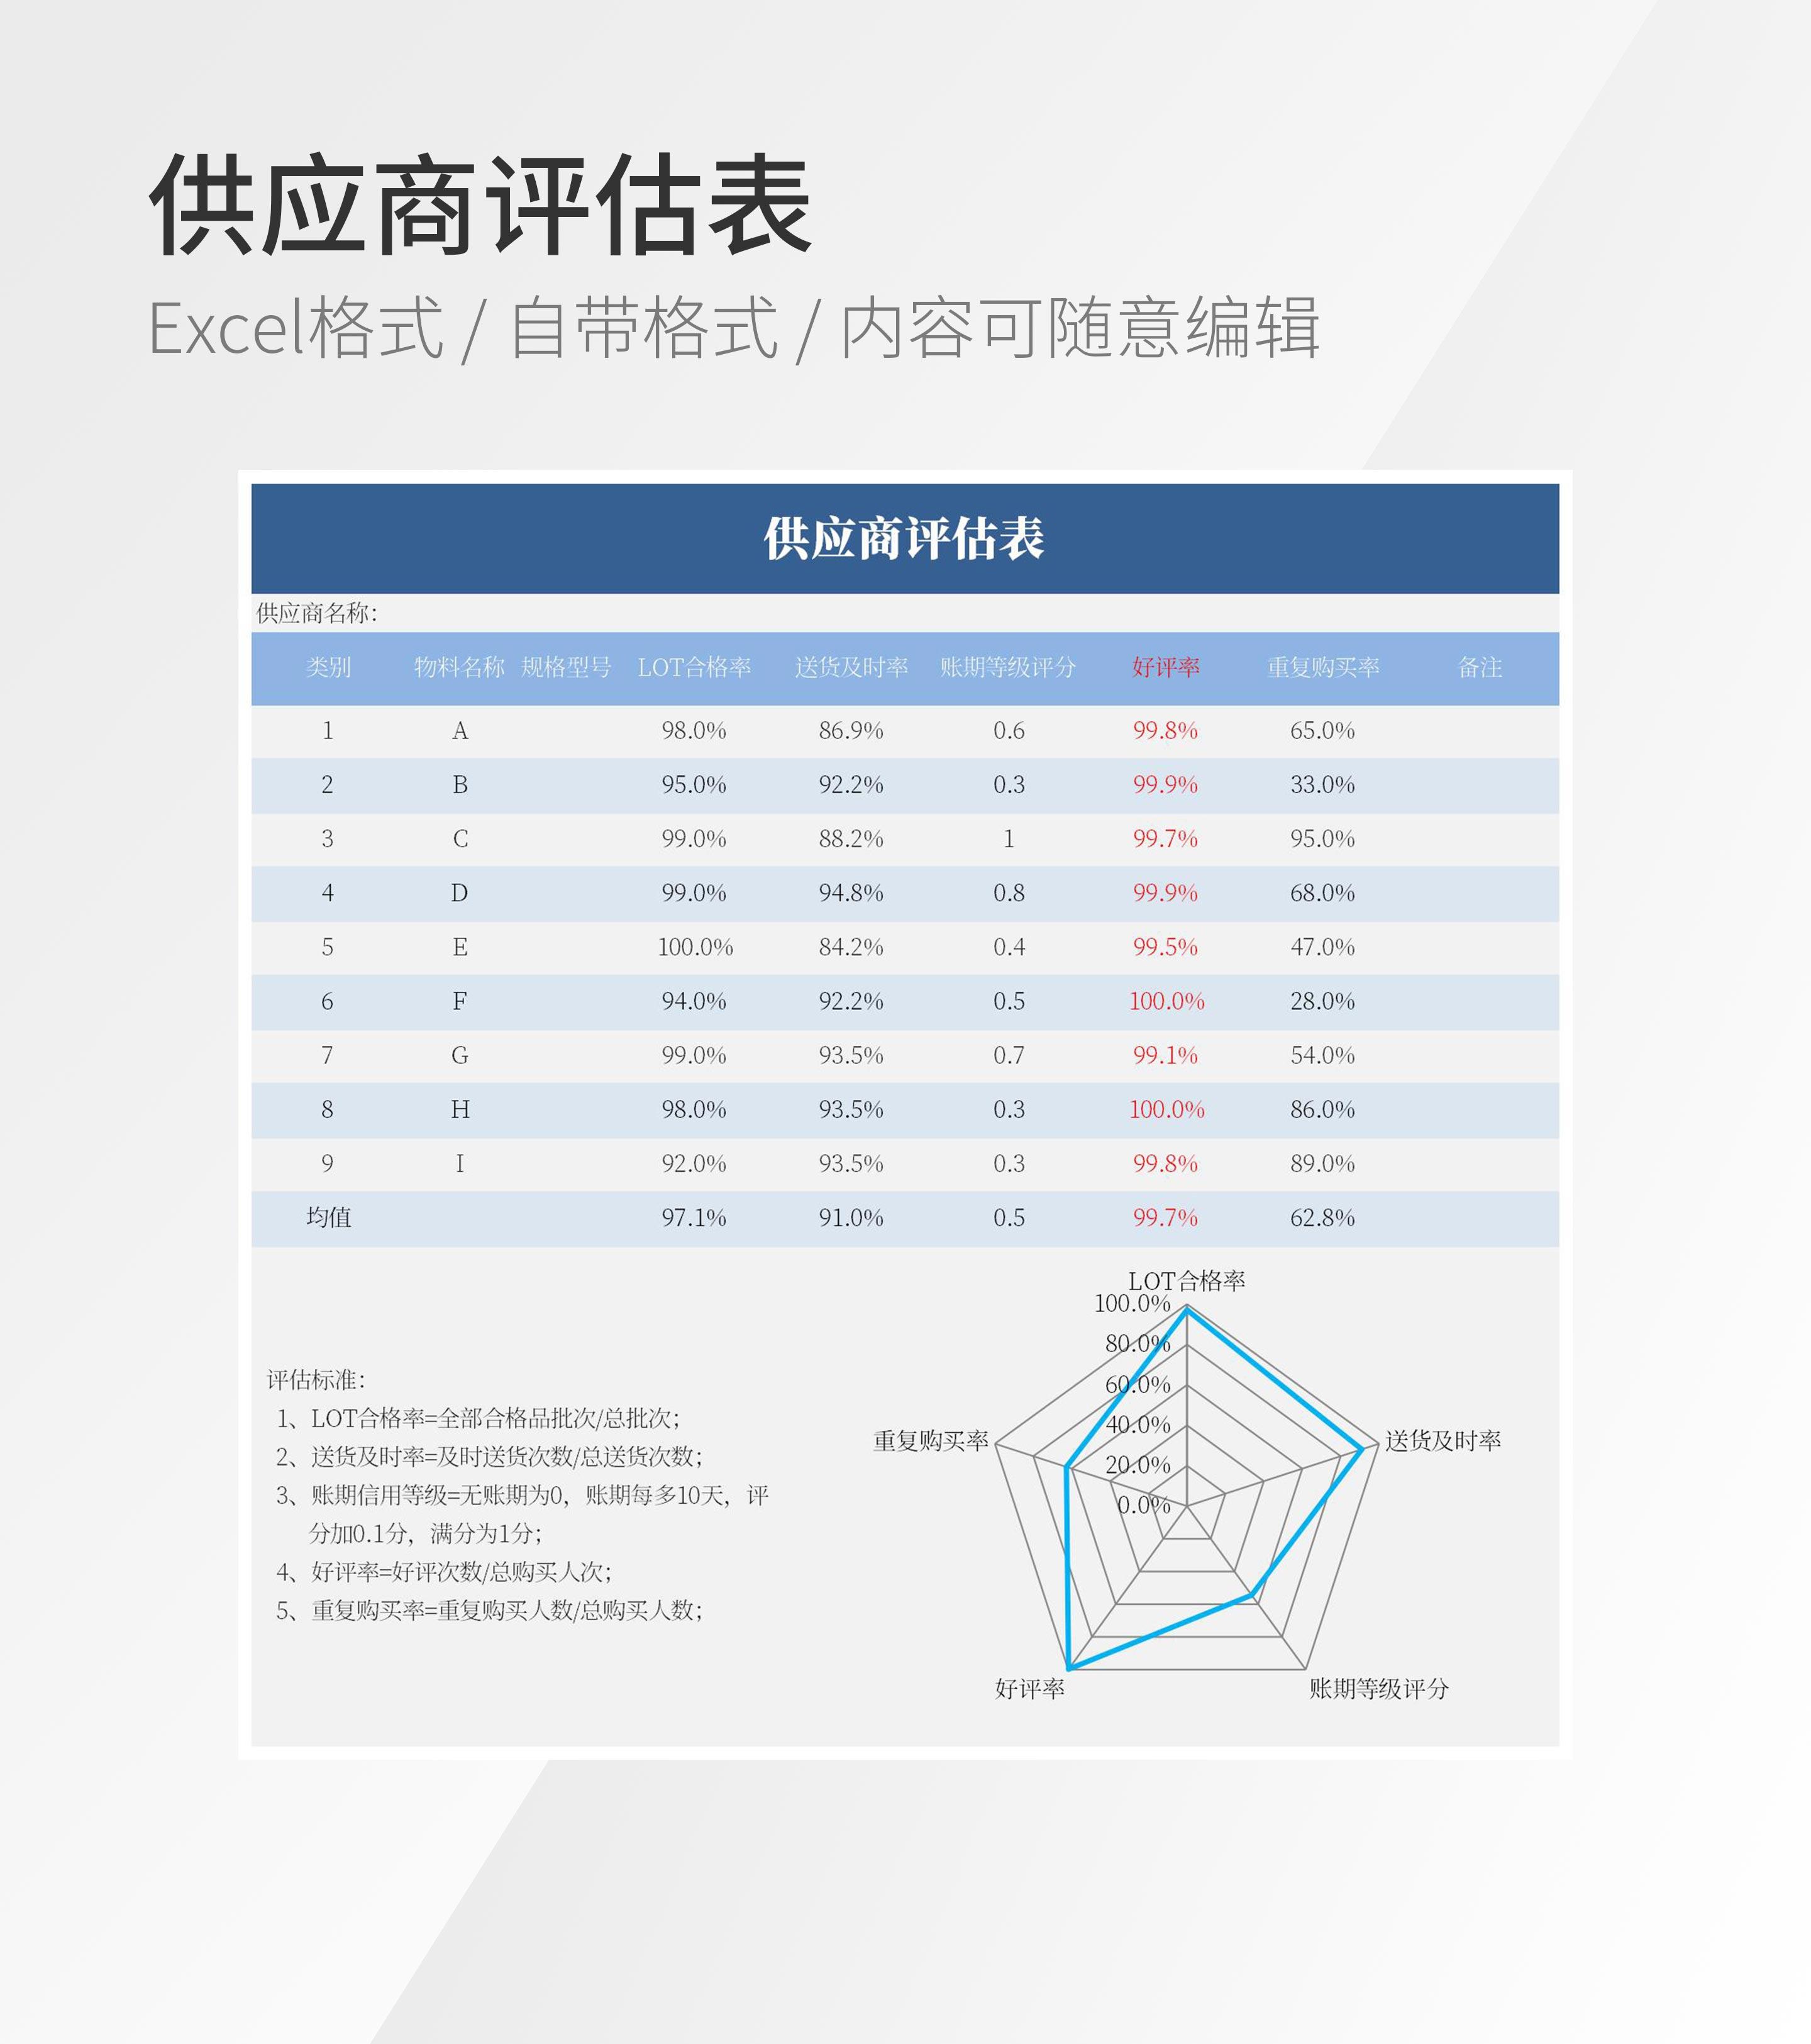 供应商评估表模板